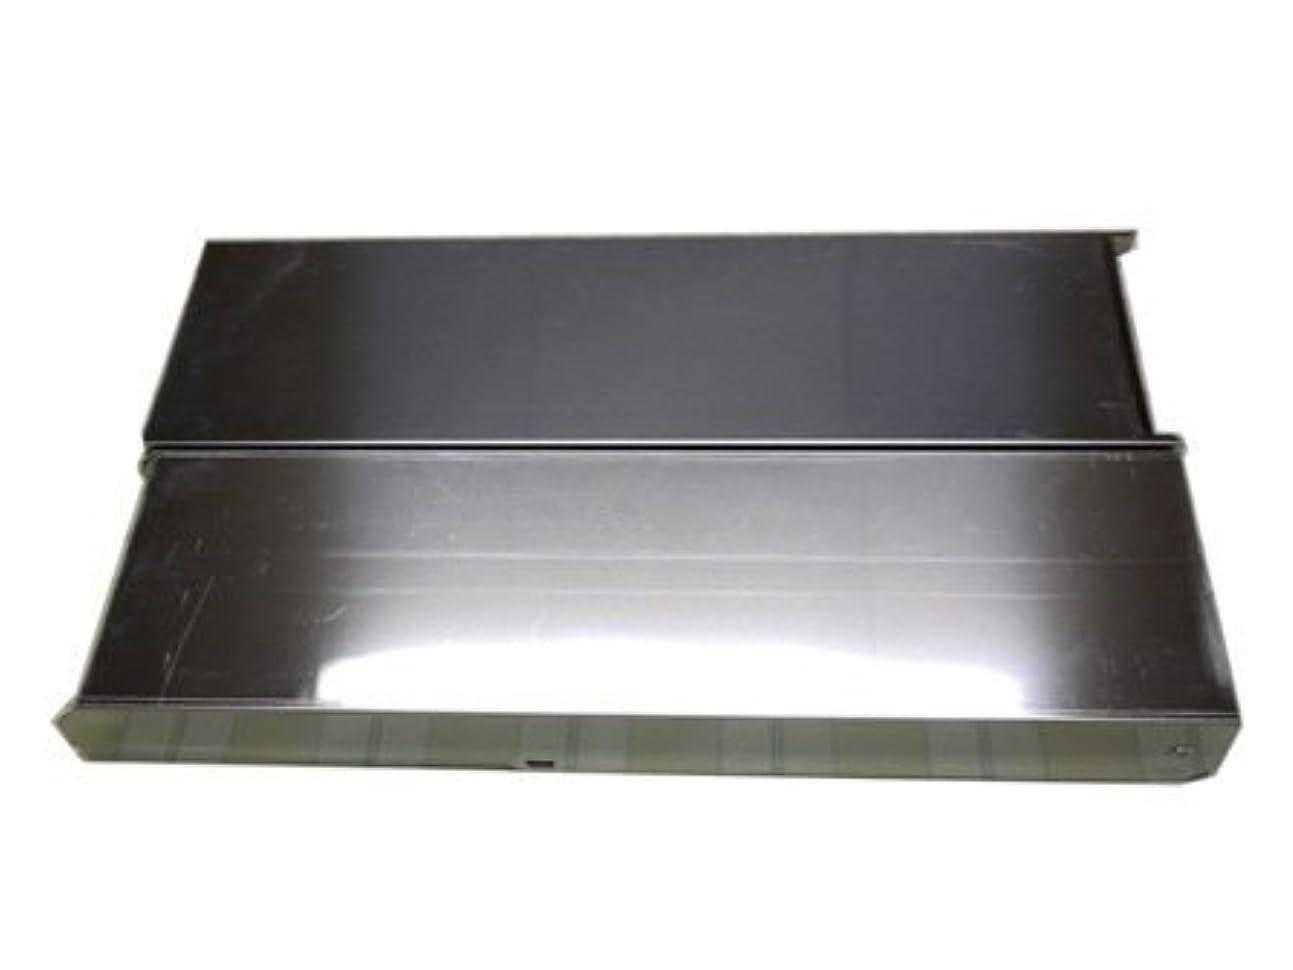 定期的整理する対角線笑's?焚き火の箱専用フォールディング煙突2000/SHO-0017